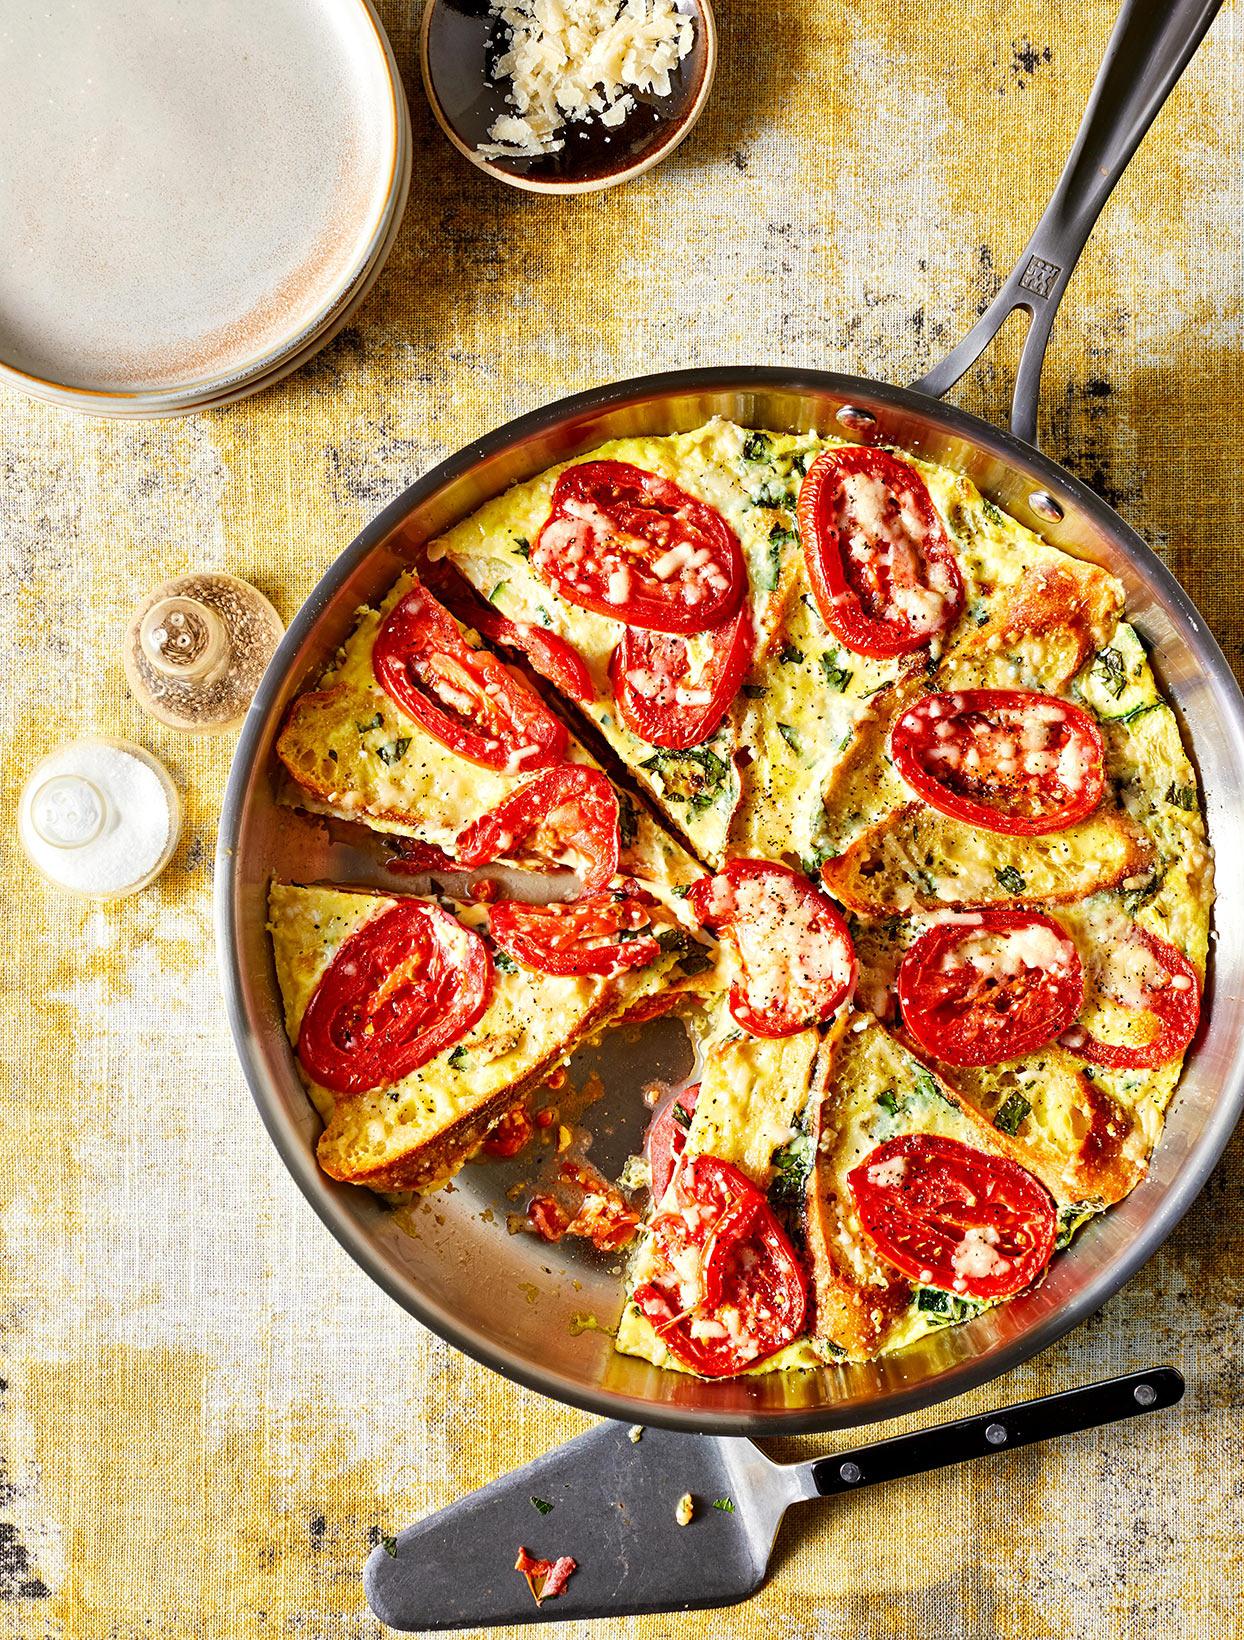 Tomato, Zucchini and Parmesan Fristrata